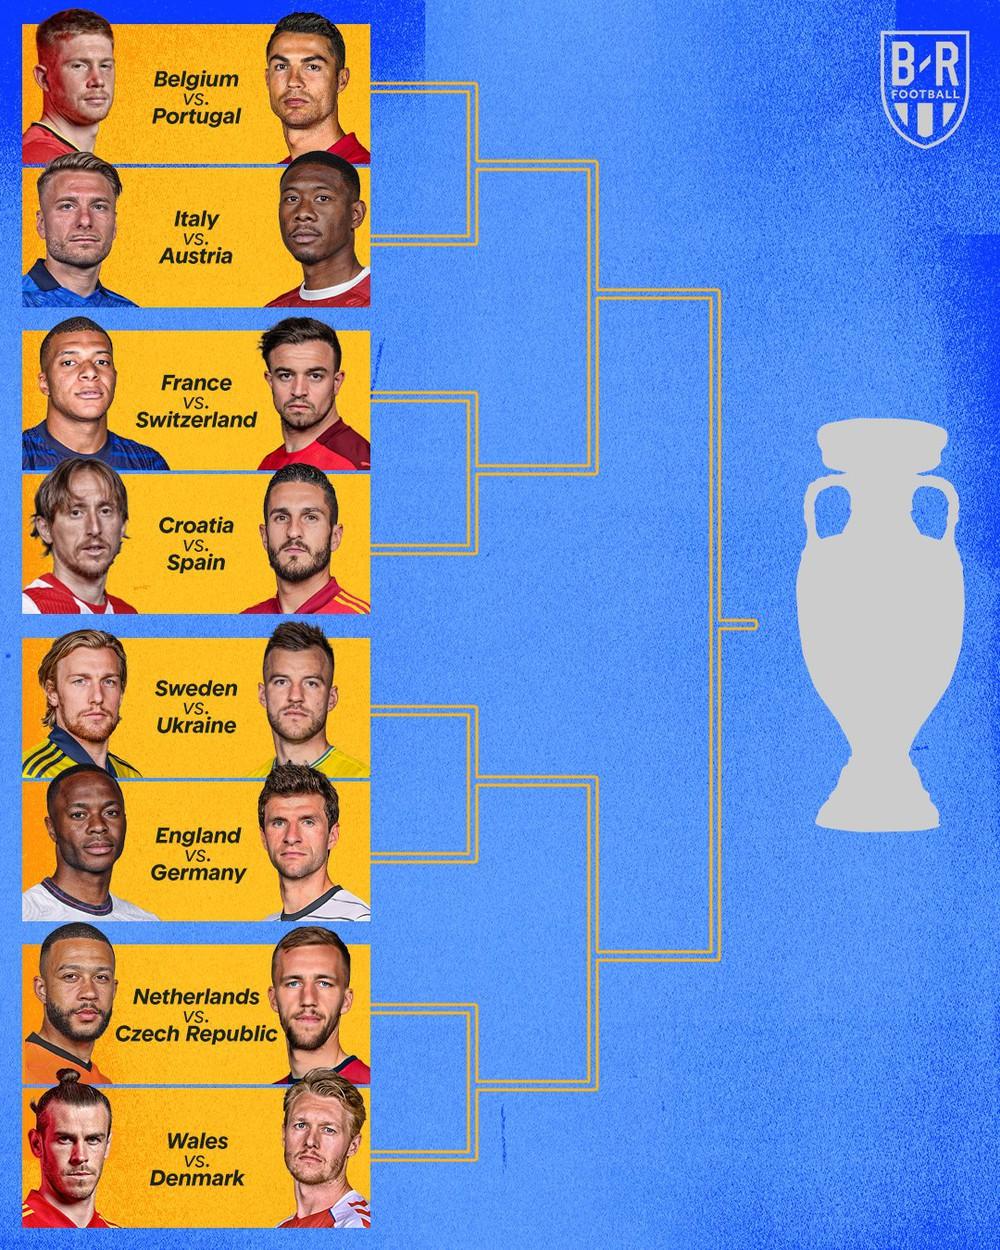 Danh sách 16 đội lọt vào vòng 1/8 Euro 2020: Ronaldo đại chiến Lukaku, nhiều cặp đấu duyên nợ - Ảnh 1.